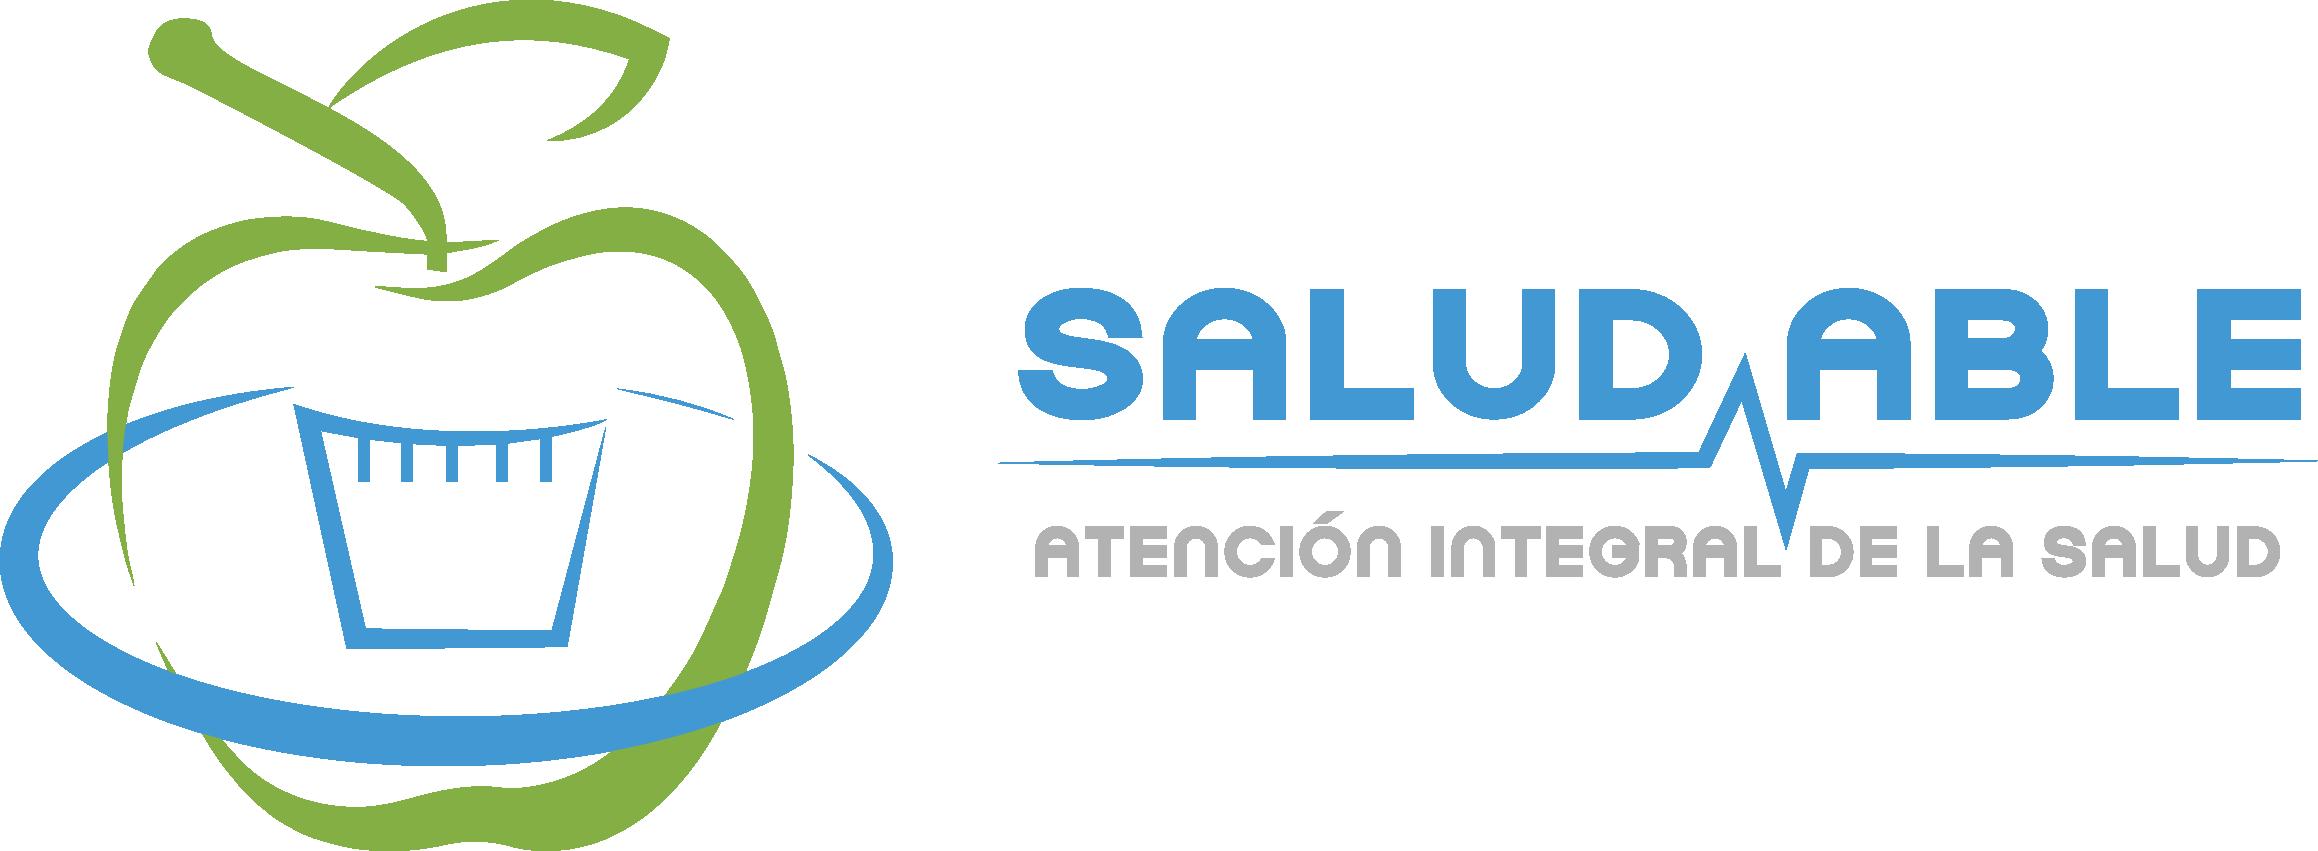 Salud Integral Chiapas